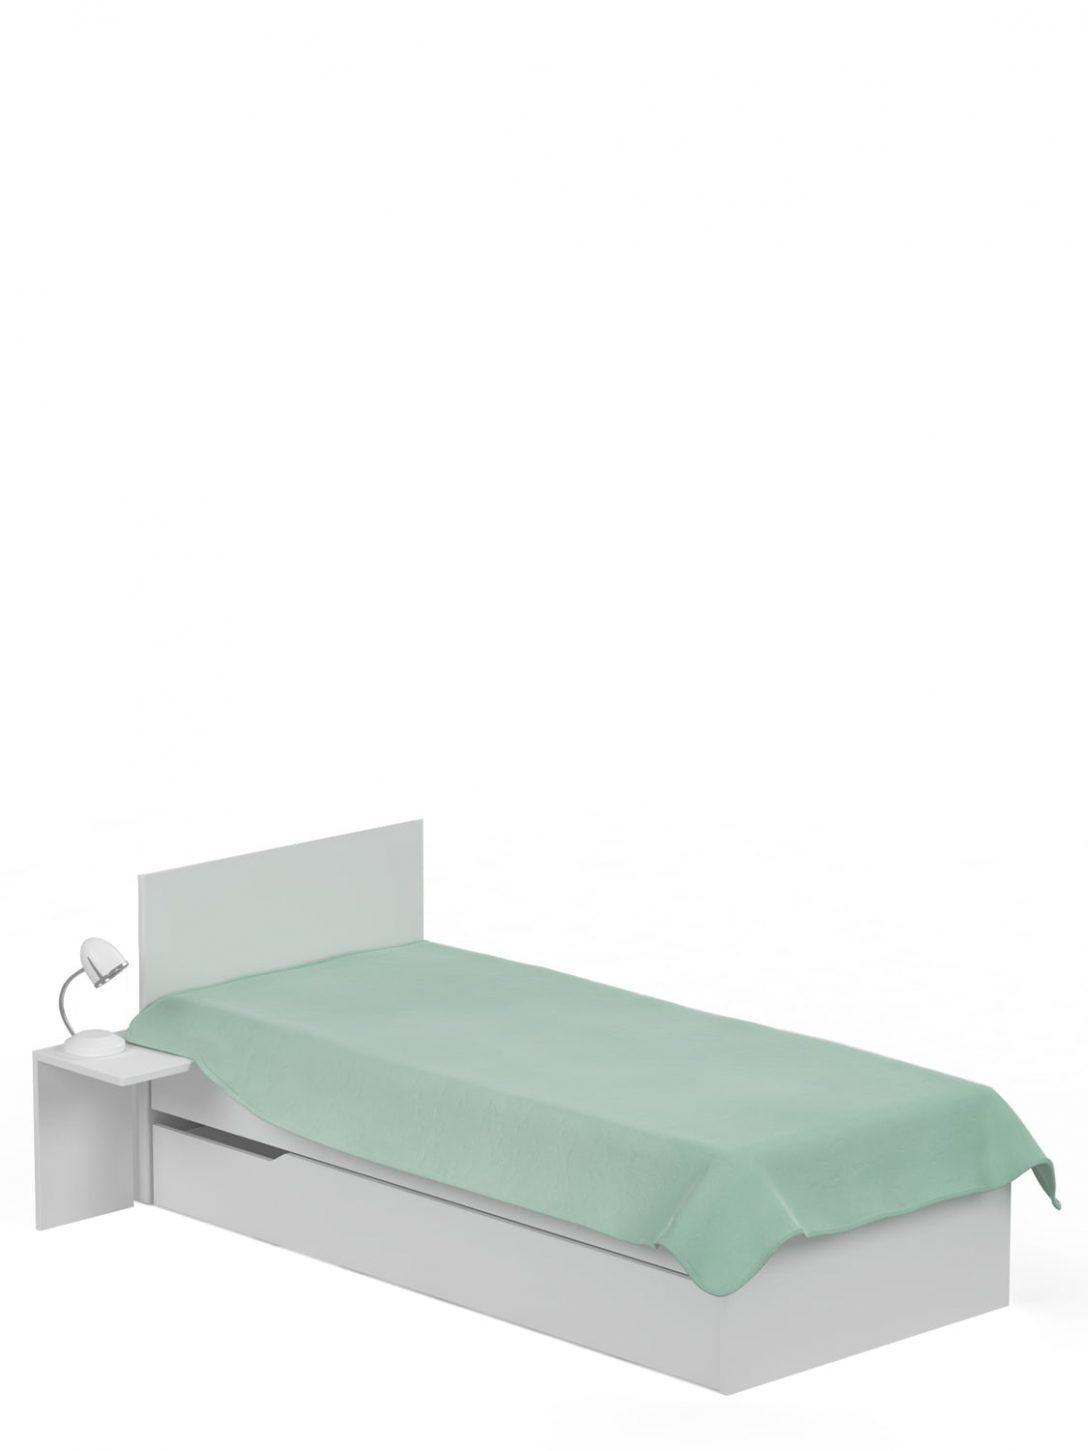 Large Size of Bett 120x190 Uni White Meblik Lifetime 1 40 Amerikanische Betten Trends Minimalistisch Mit Rückenlehne Ruf 140x200 Breit Schutzgitter 120x200 Matratze Und Bett Bett 120x190